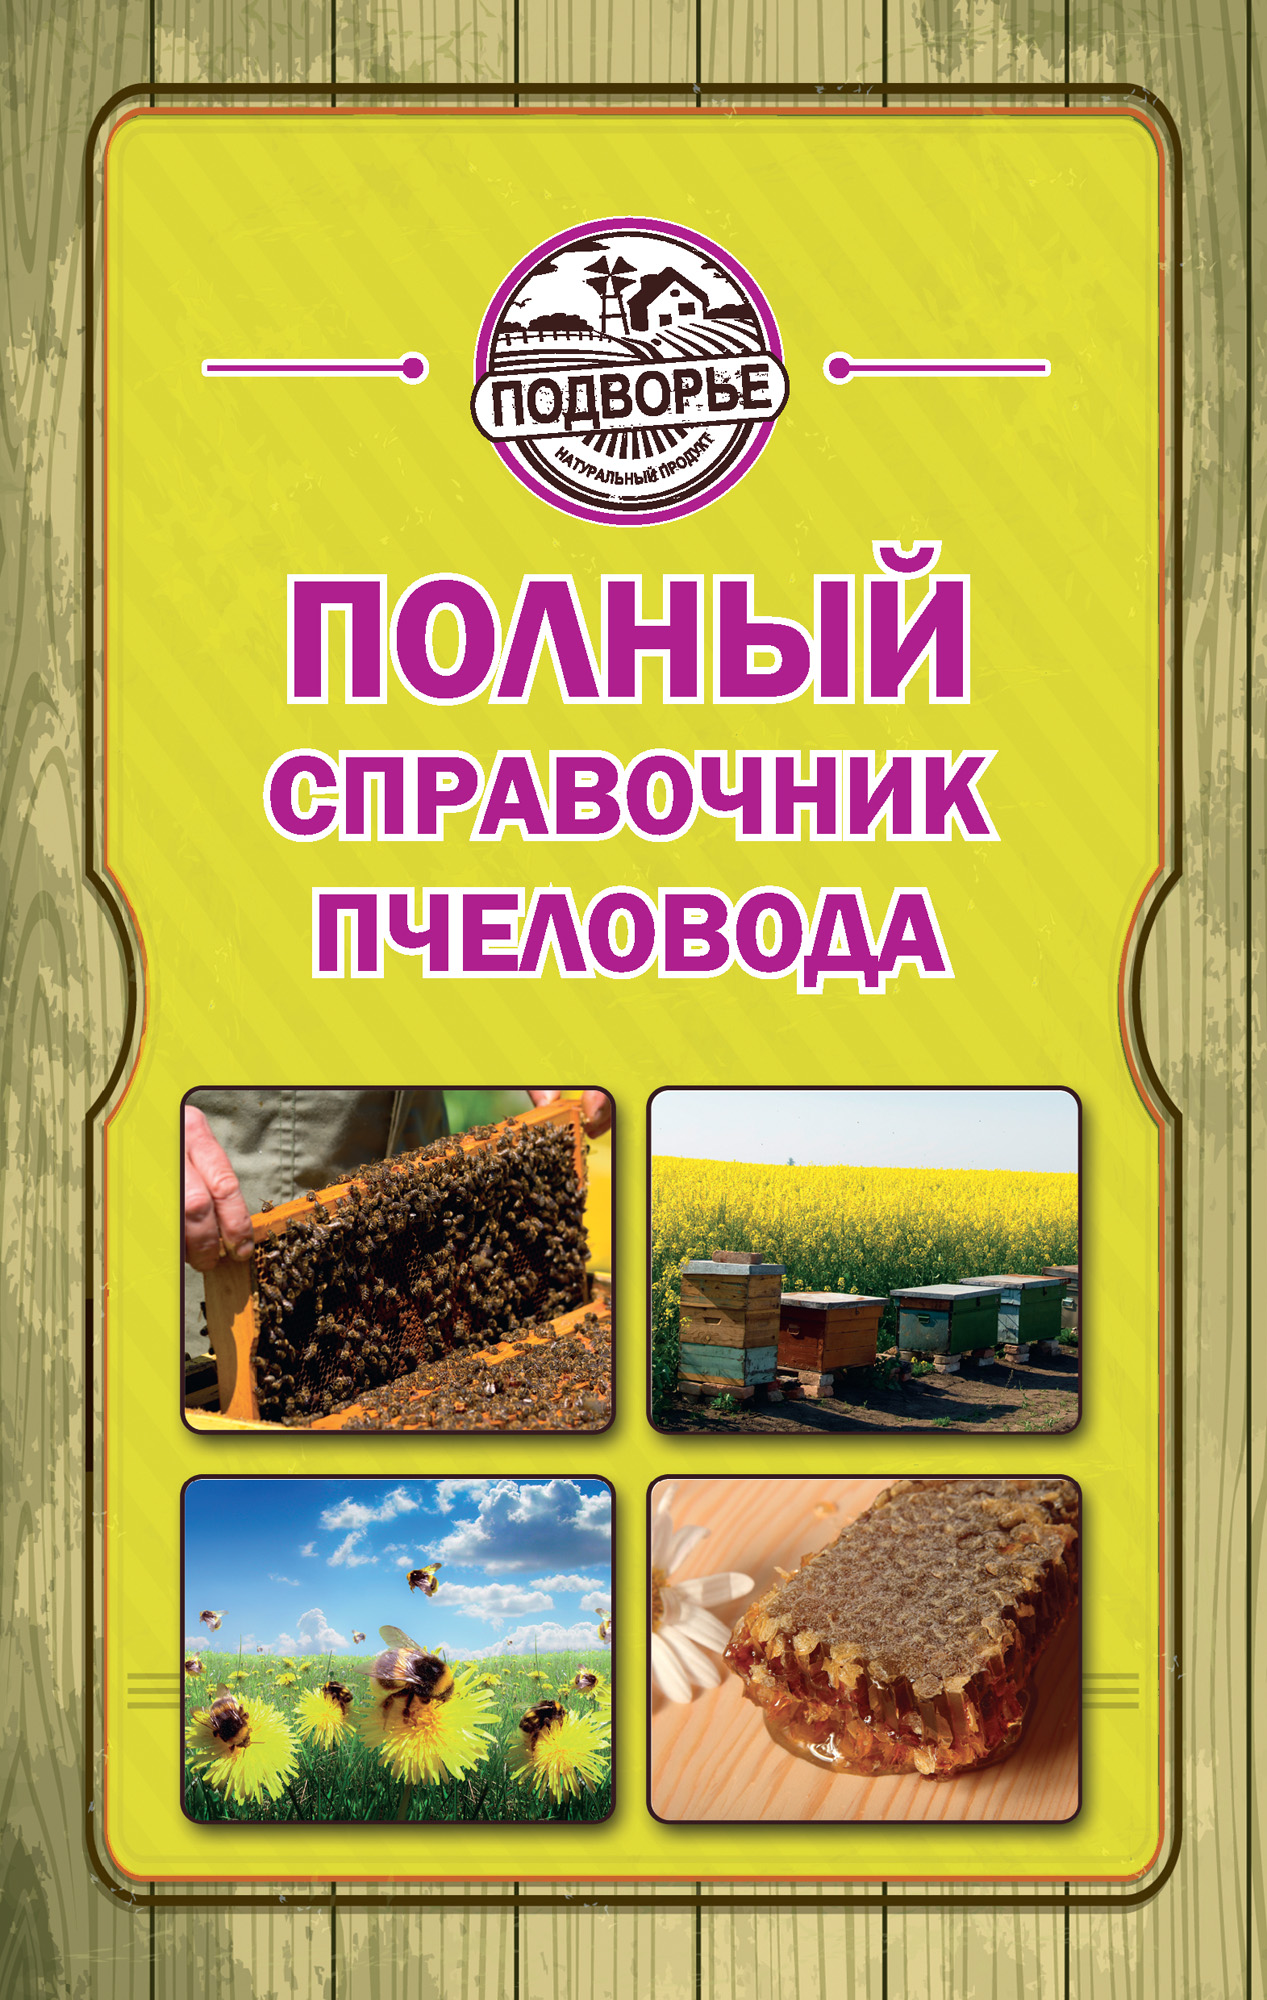 Полный справочник пчеловода